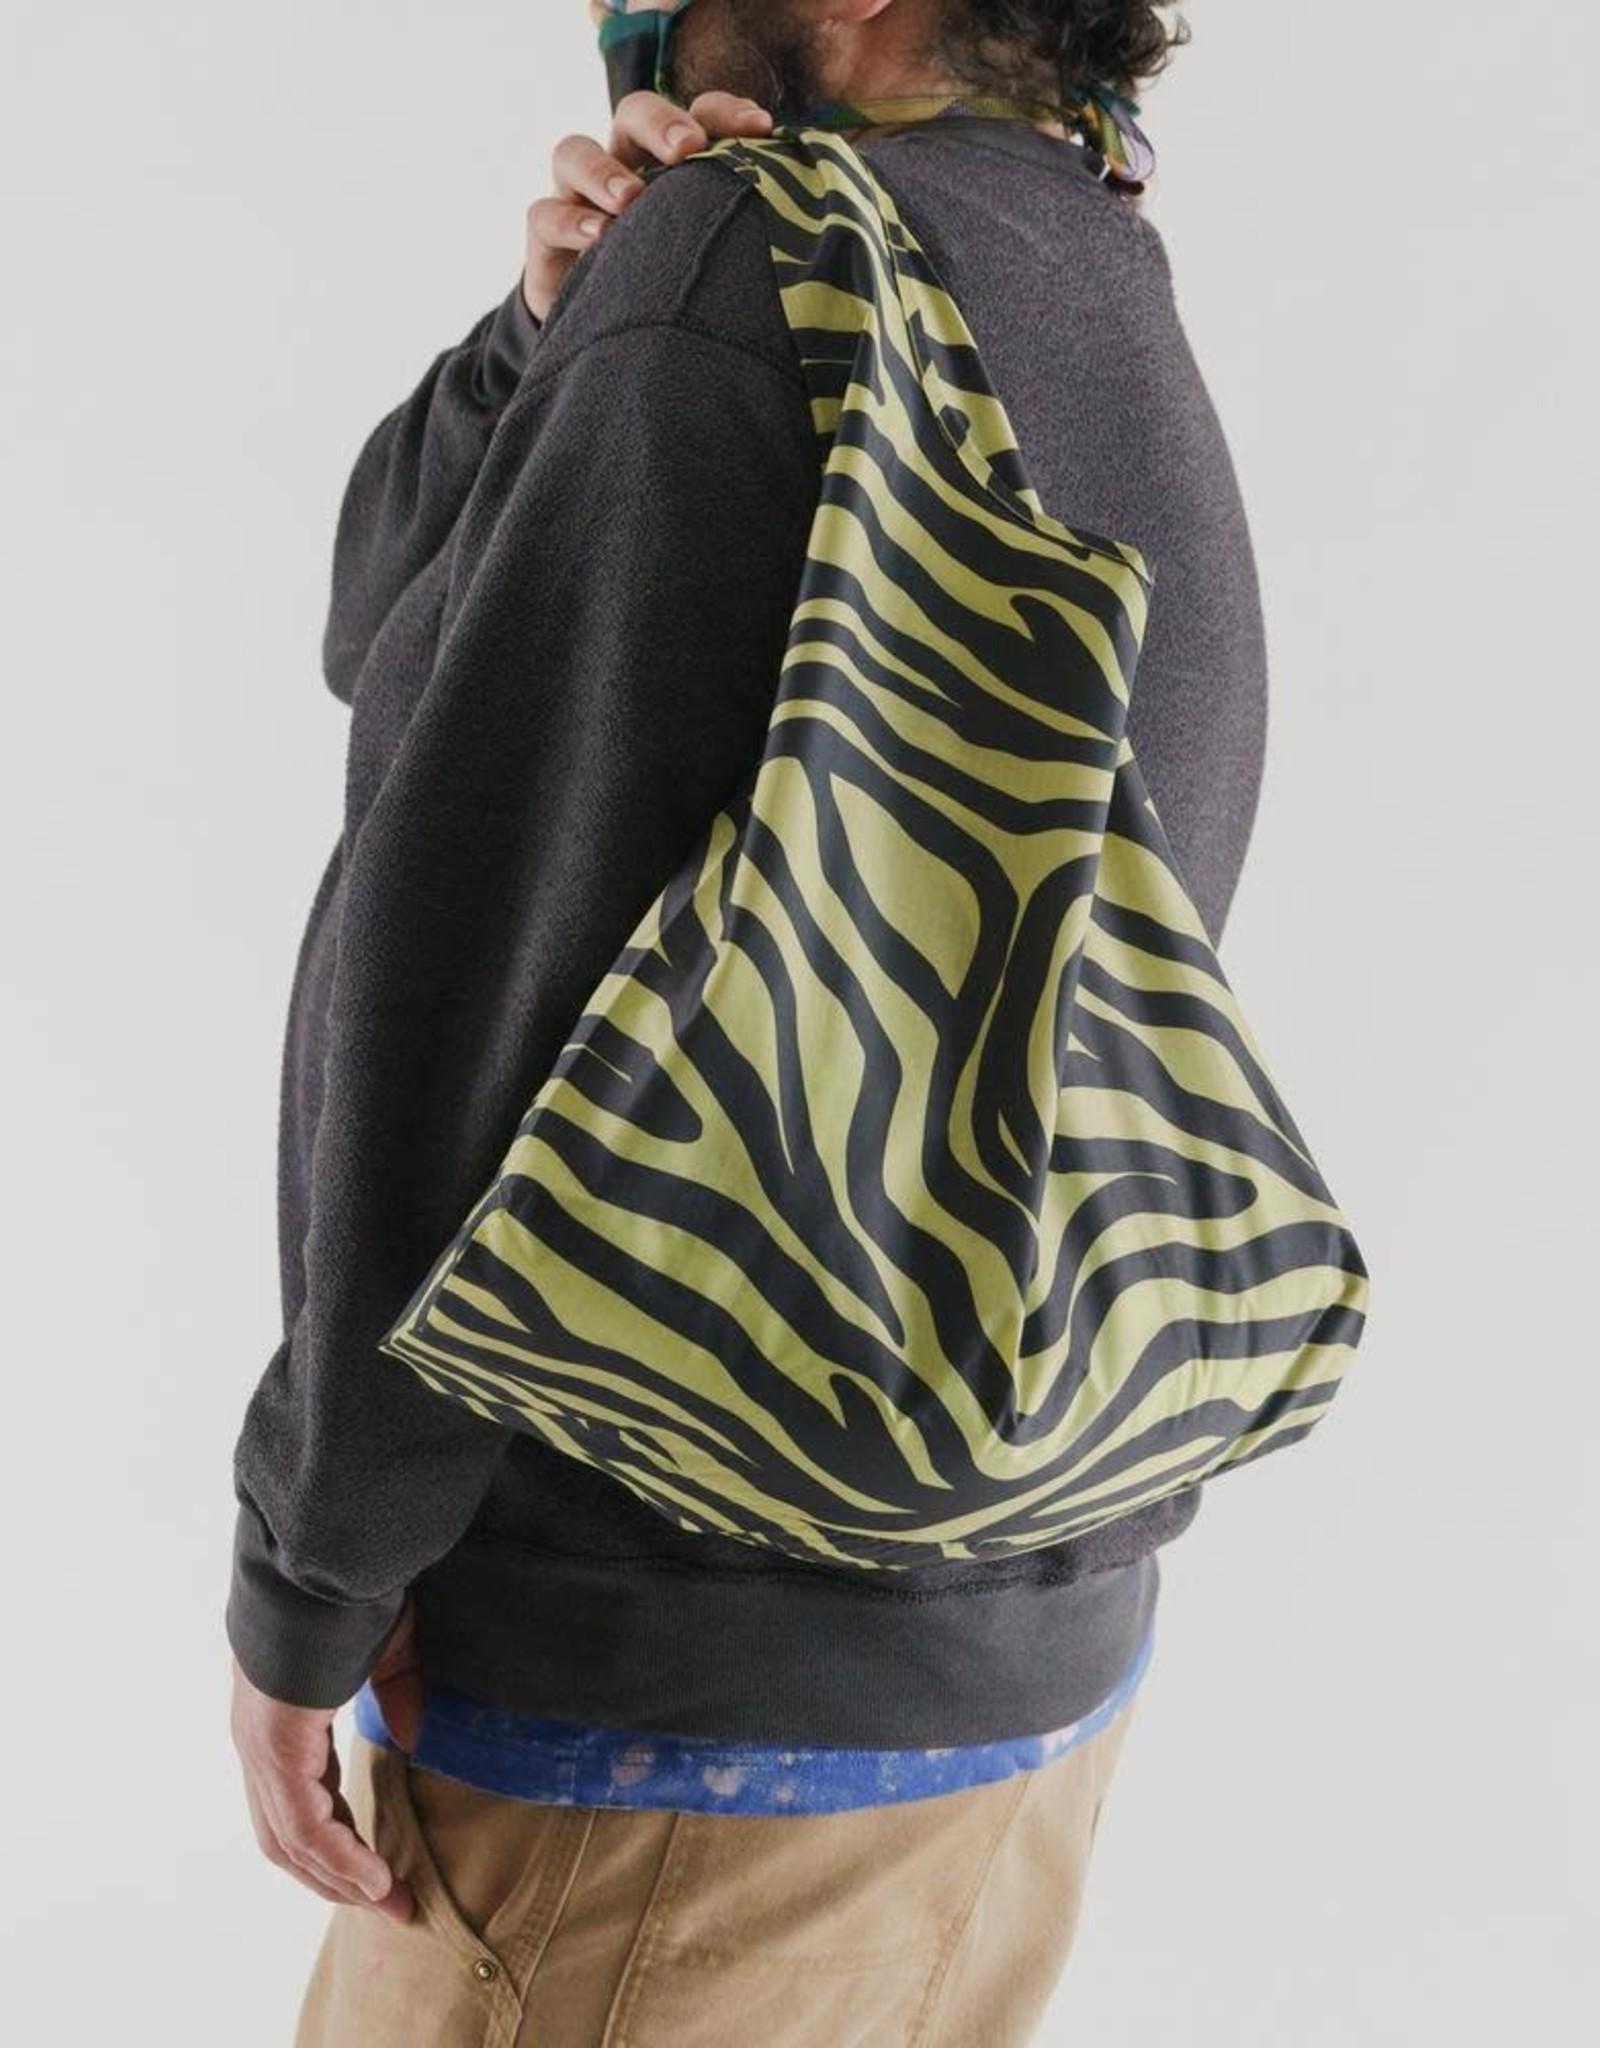 Baggu Baggu   Standard Olive Zebra